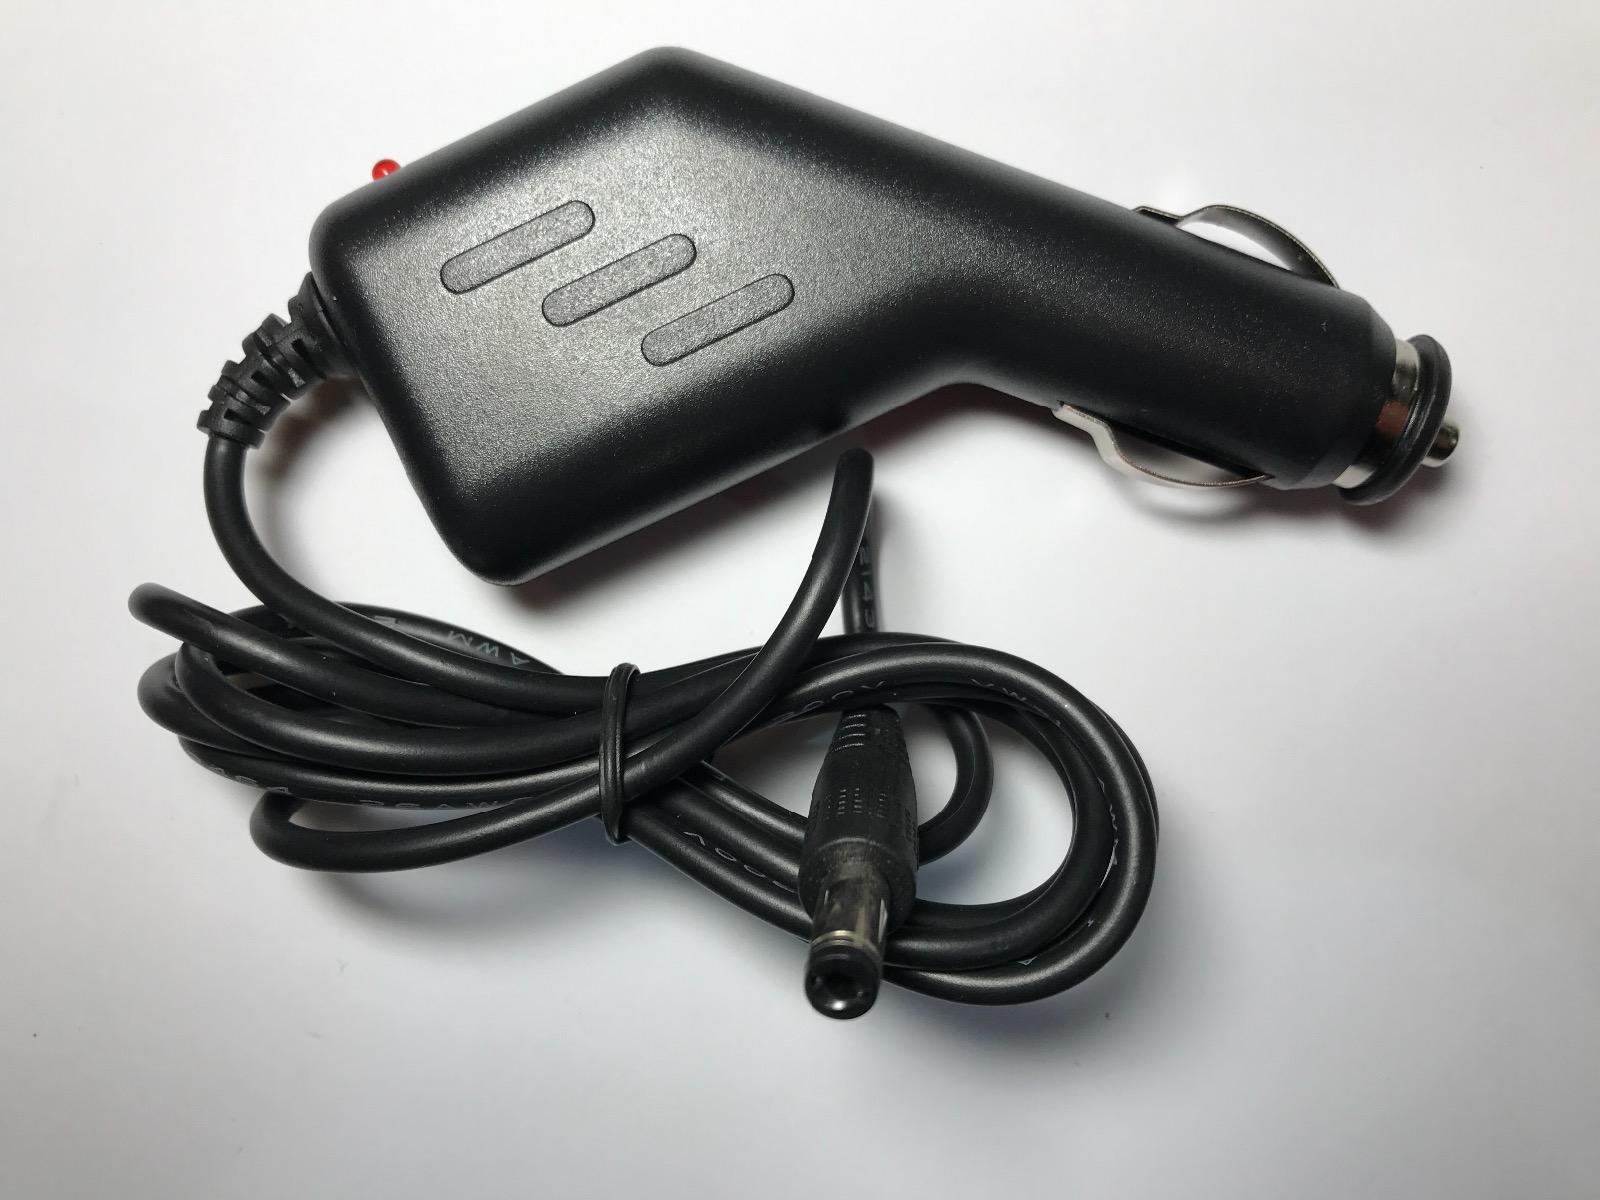 12V 12 Volt to 9V 9 Volt 1A 1 Amp DC InCar Car Charger | eBay